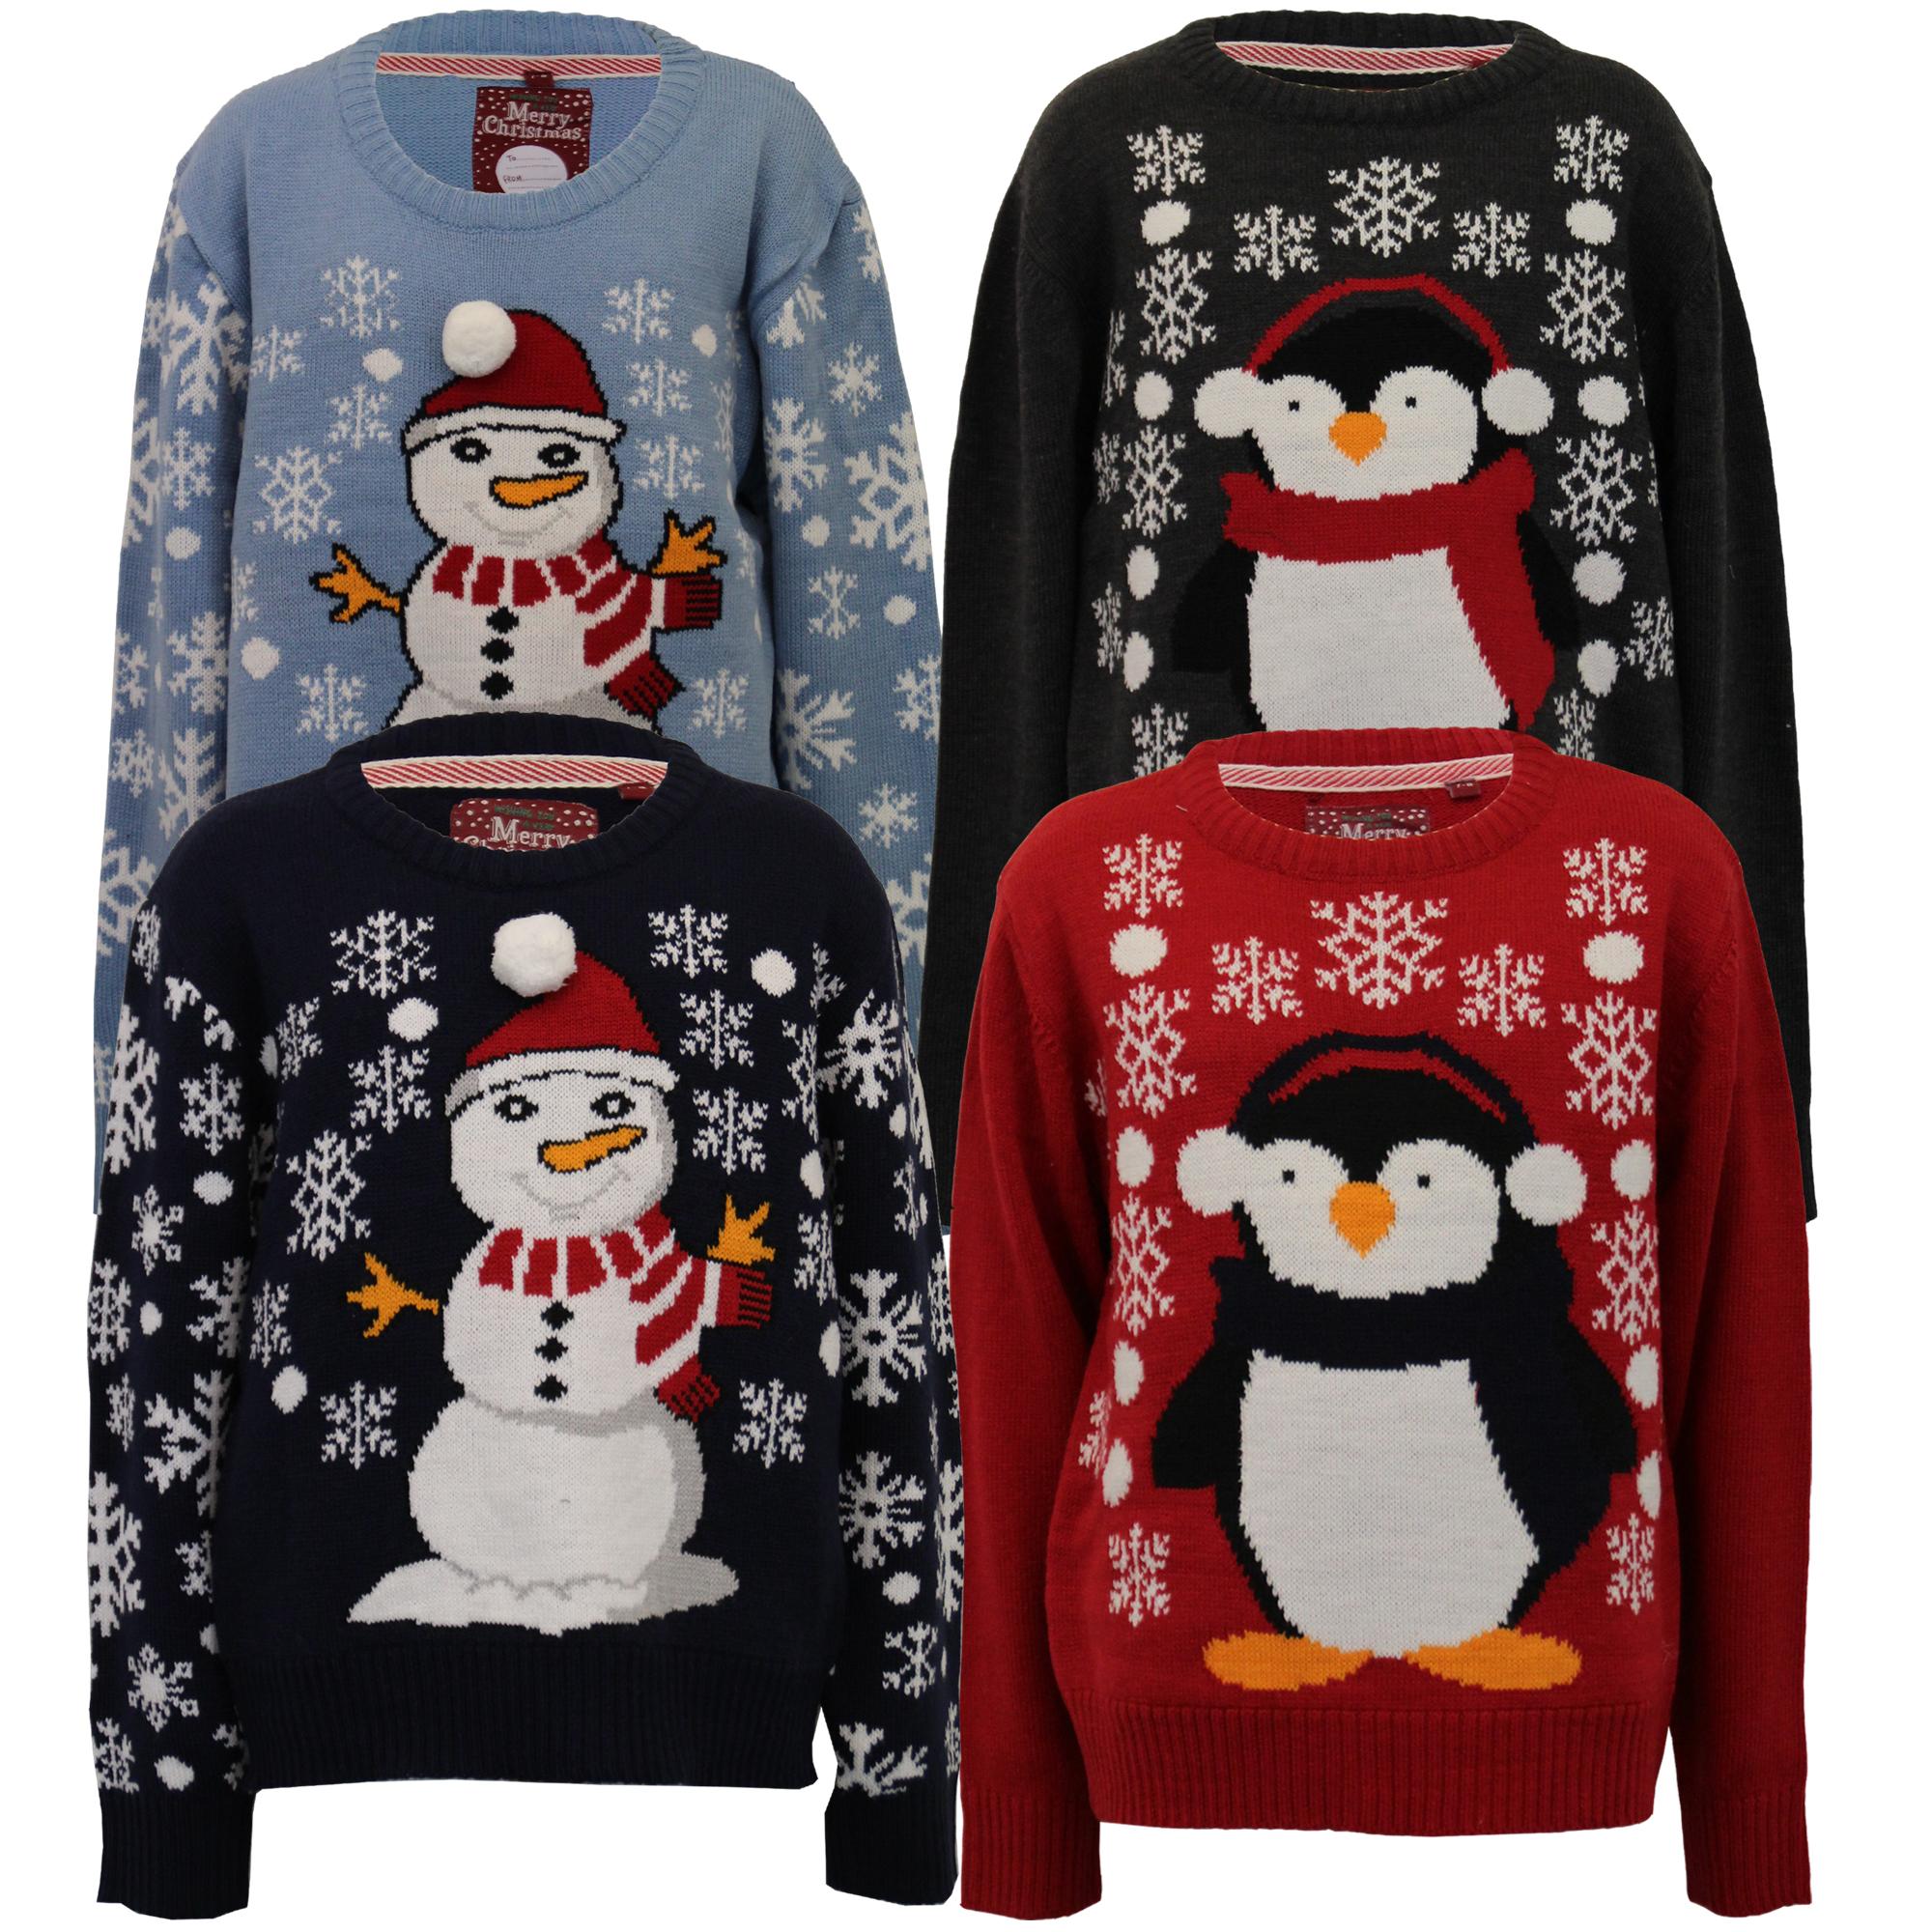 5994fcdb8f BAMBINI · Ragazzi · Ragazze · Maschi · Donne · Ritorno a scuola · Vendita.  Elegante anima coraggiosa maglie di Natale scarpa